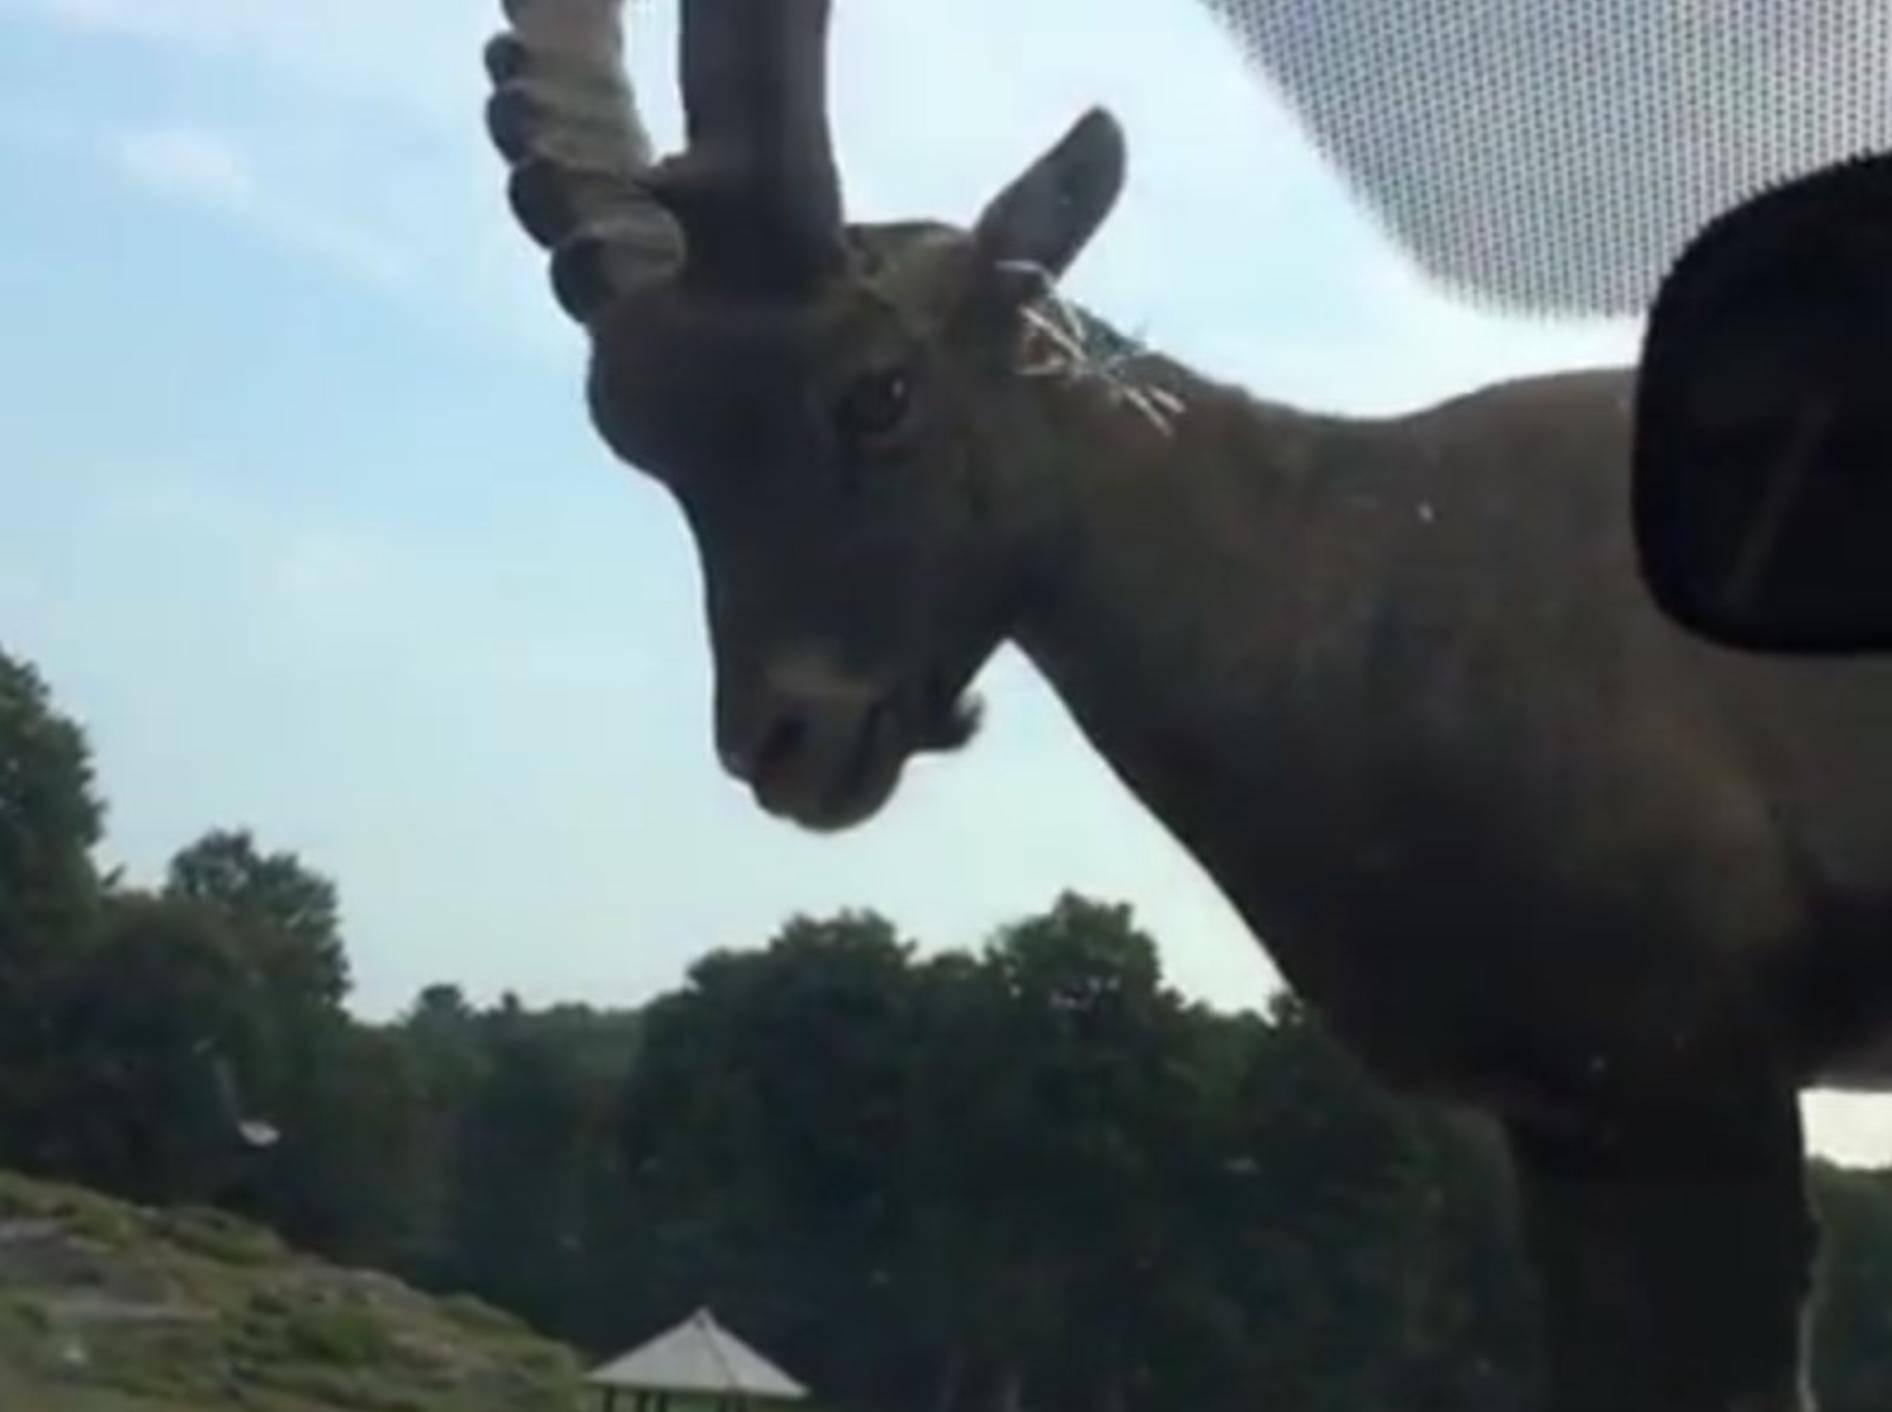 So frecht spaziert die Ziege auf der Motorhaube herum – YouTube / Waggle TV